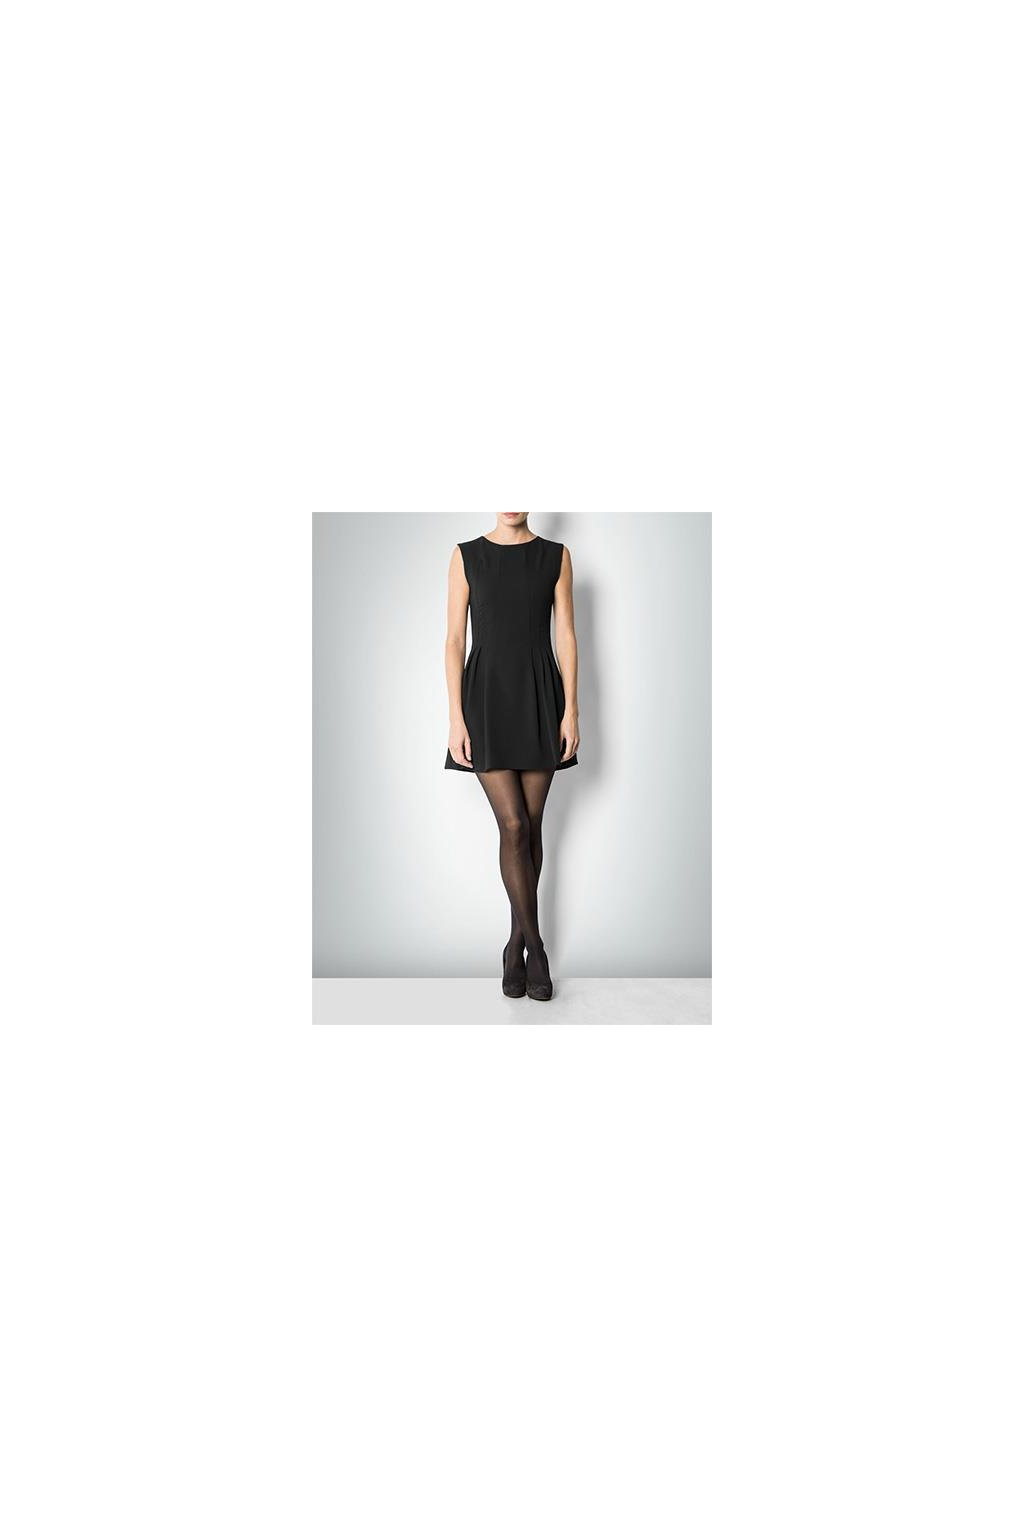 Dámské šaty Pepe Jeans PL951354 AMALIA